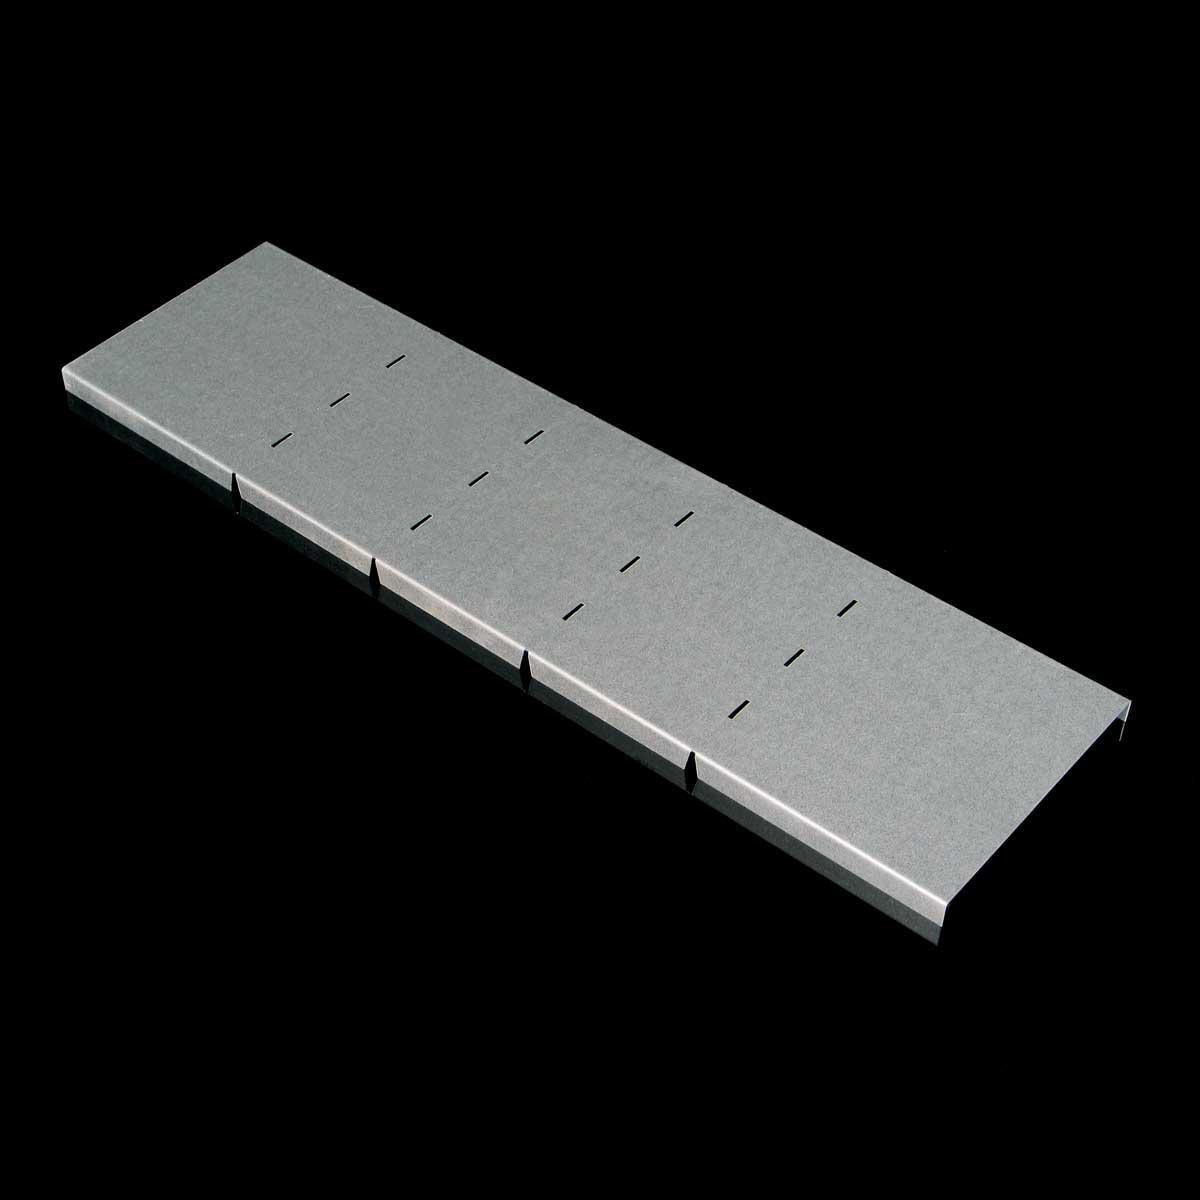 Кришка вертикального повороту зовнішнього 90° JUPITER; розміри-85x300x270mm Товщ. метал-1 Вага-1,19кг/м